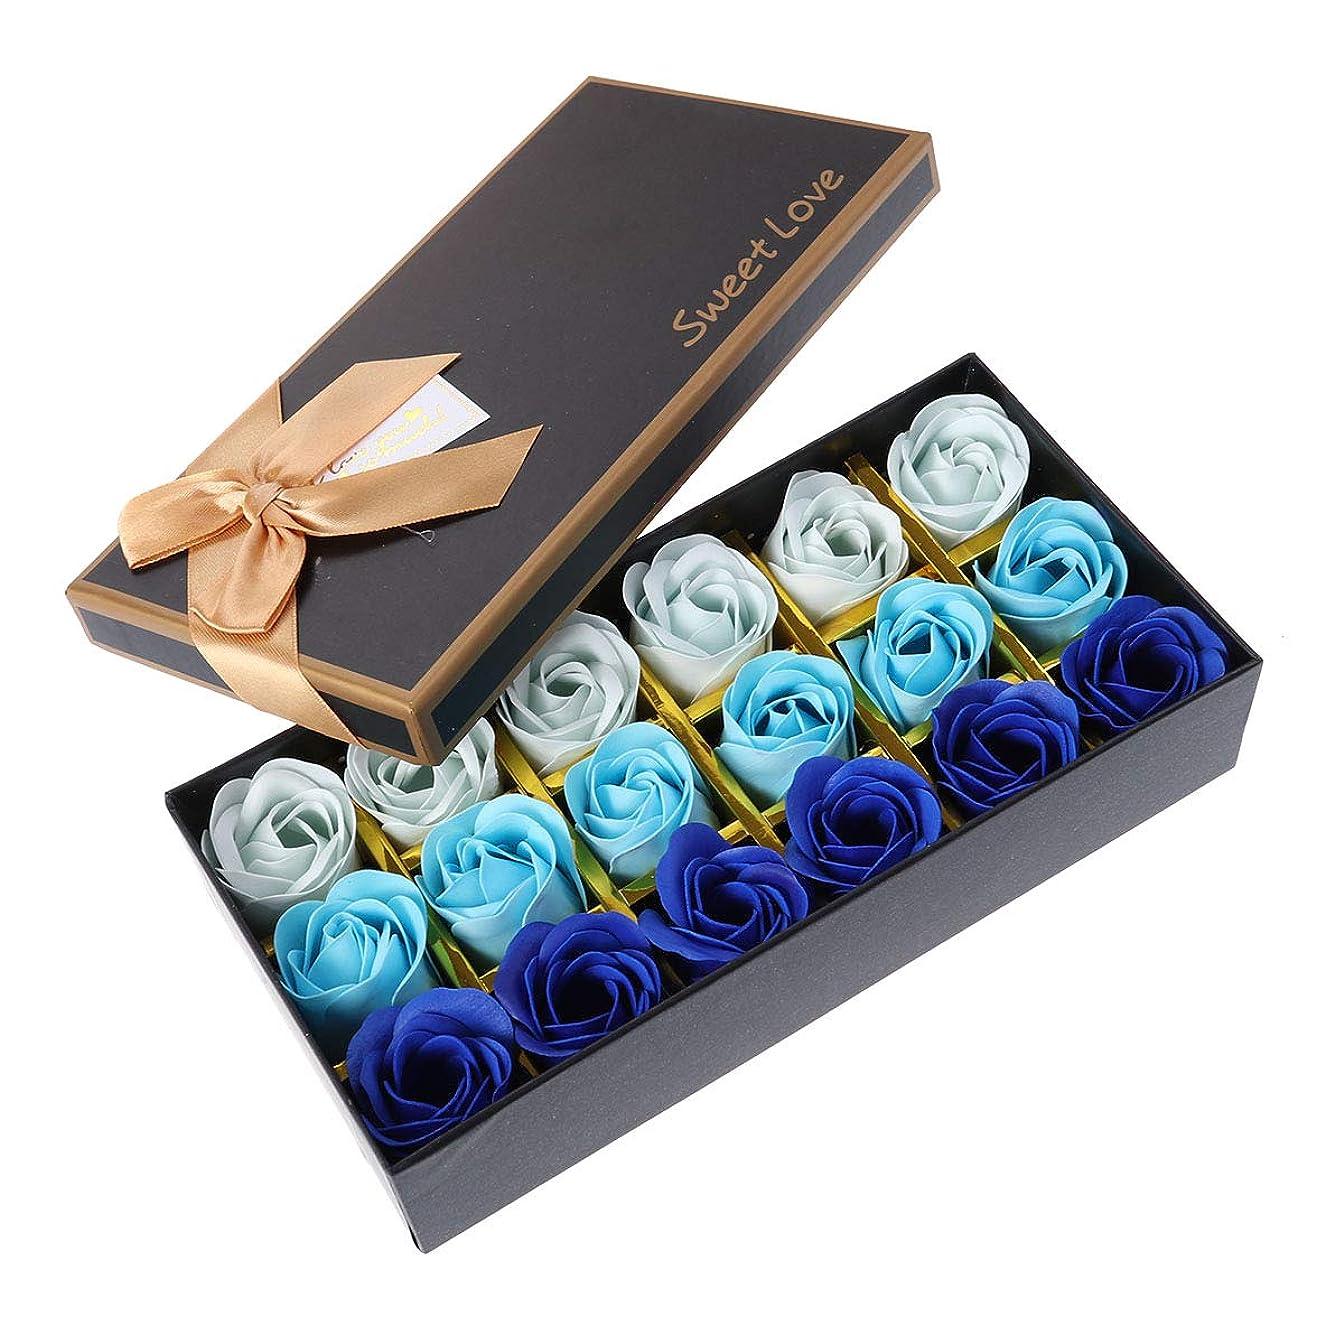 軽くフィッティングオッズBeaupretty バレンタインデーの結婚式の誕生日プレゼントのための小さなクマとバラの石鹸の花